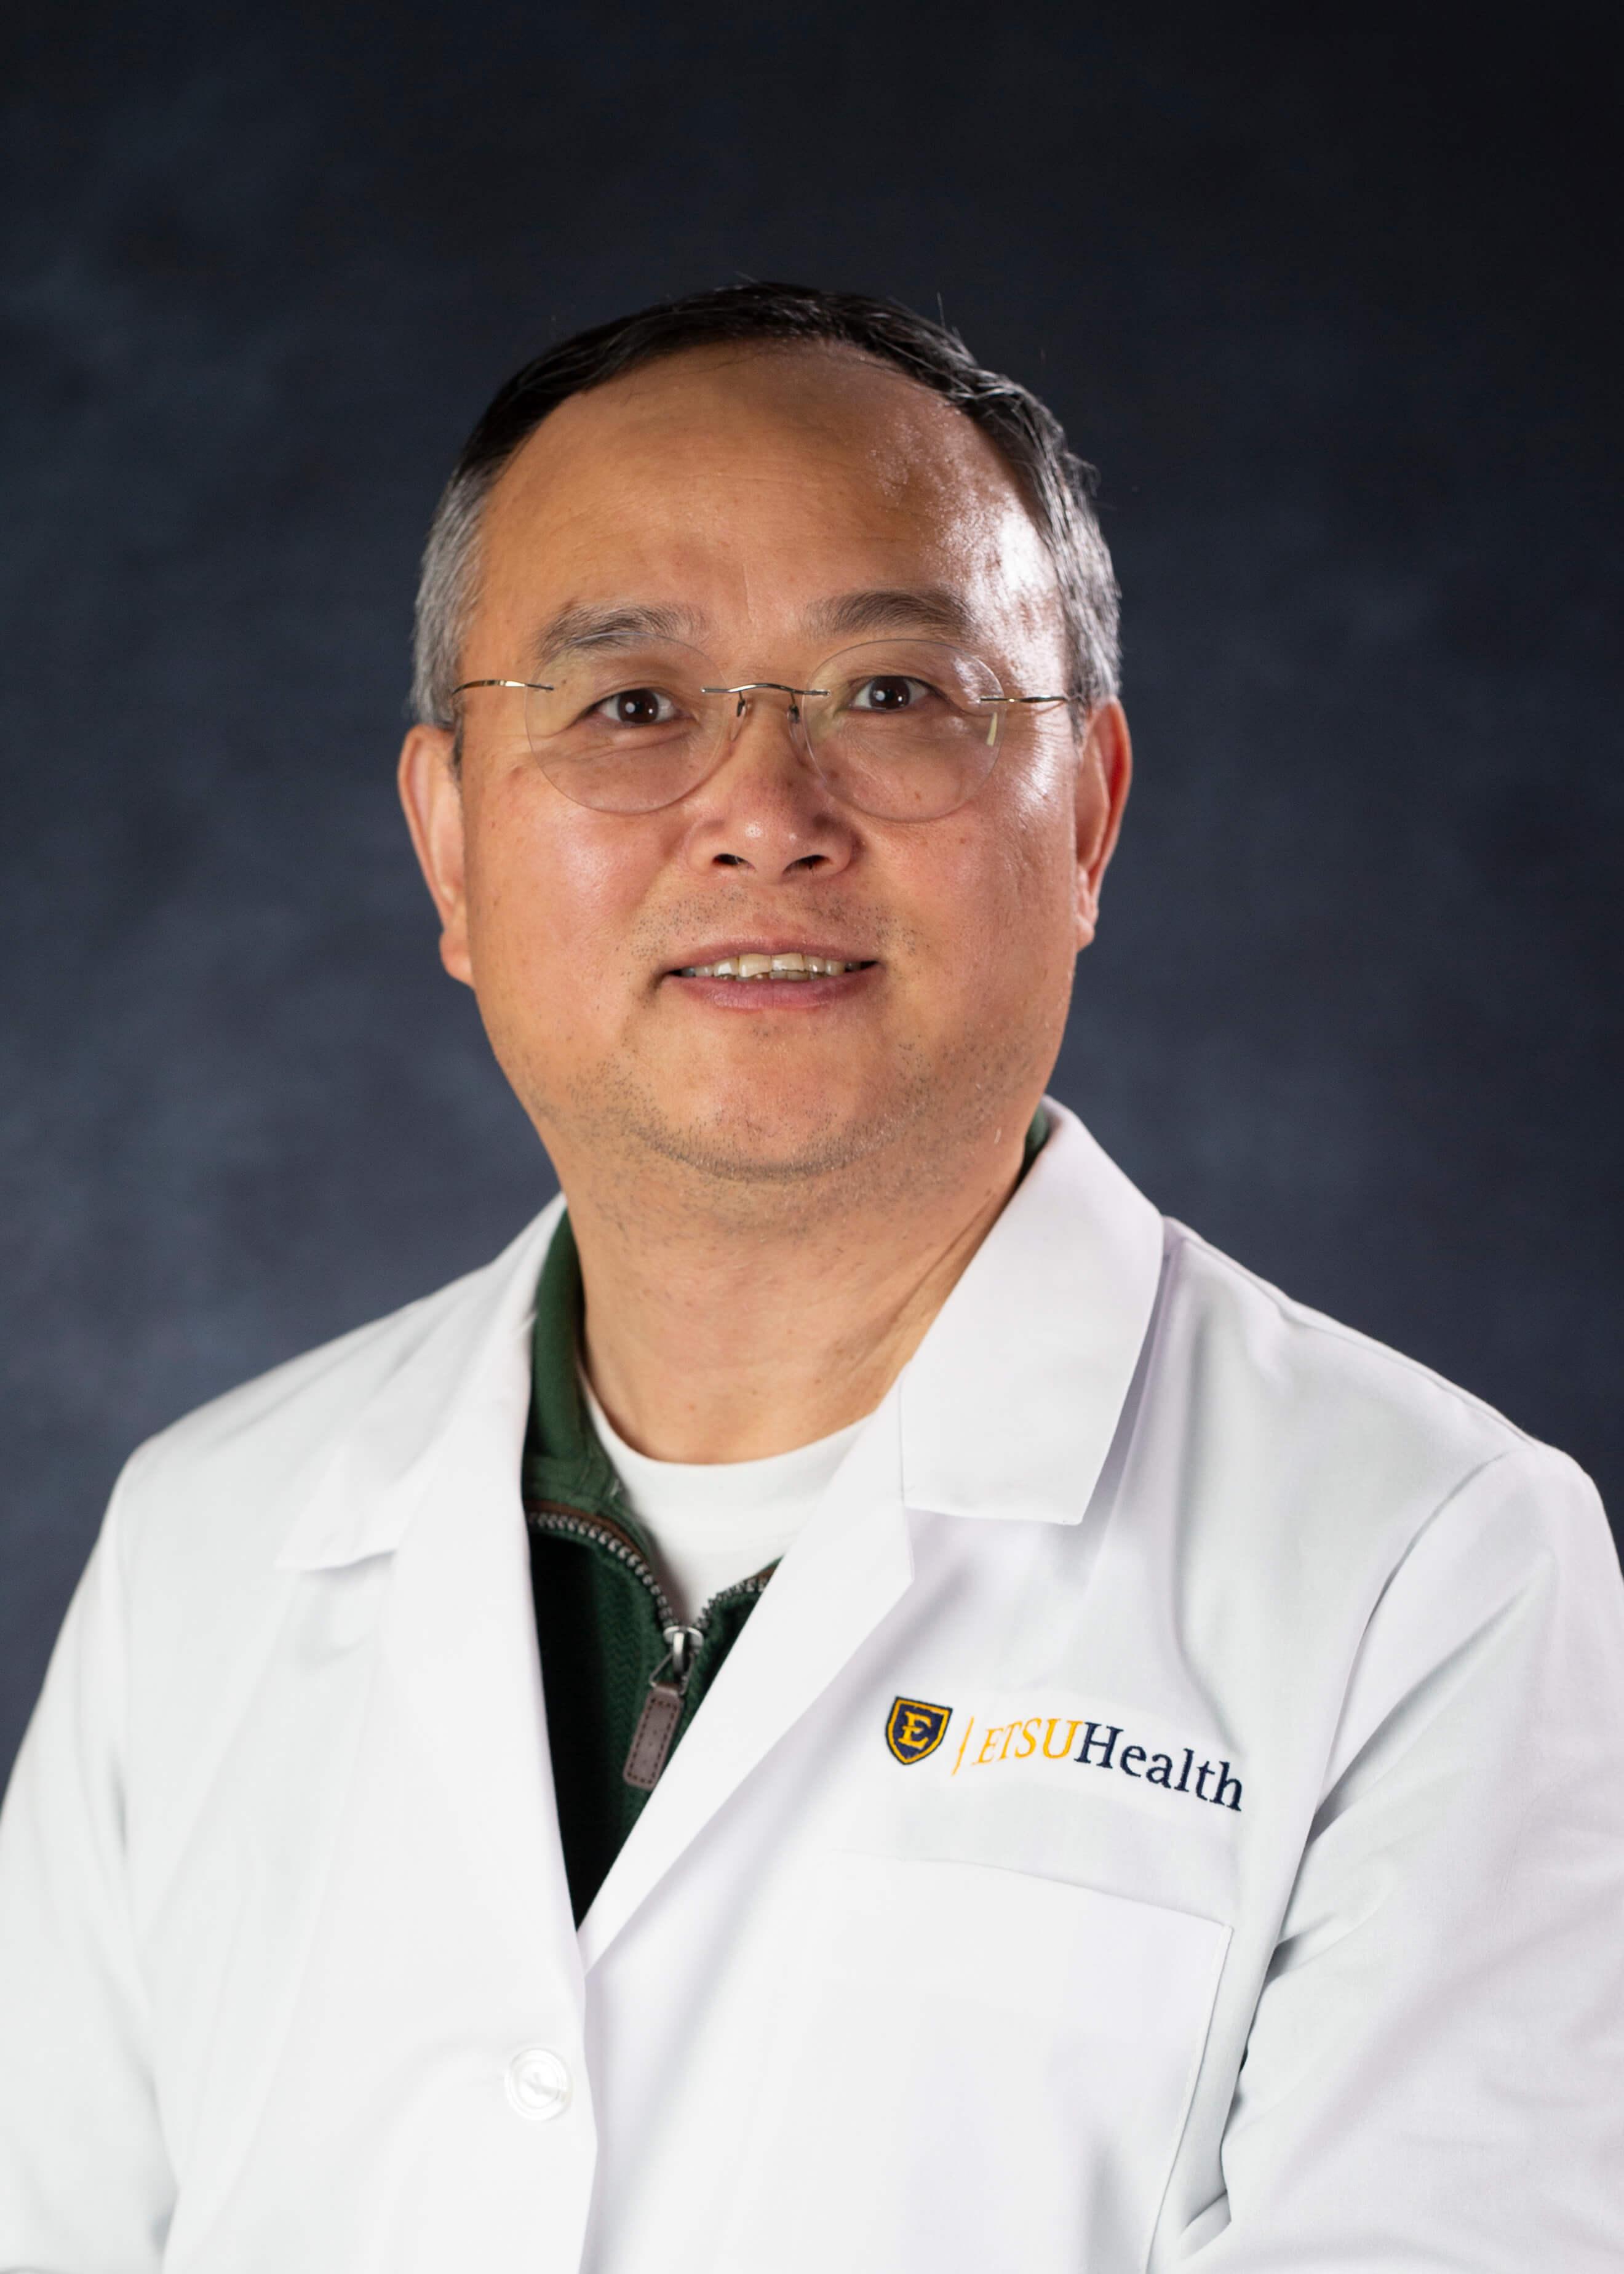 Photo of Zhi Yao, M.D.